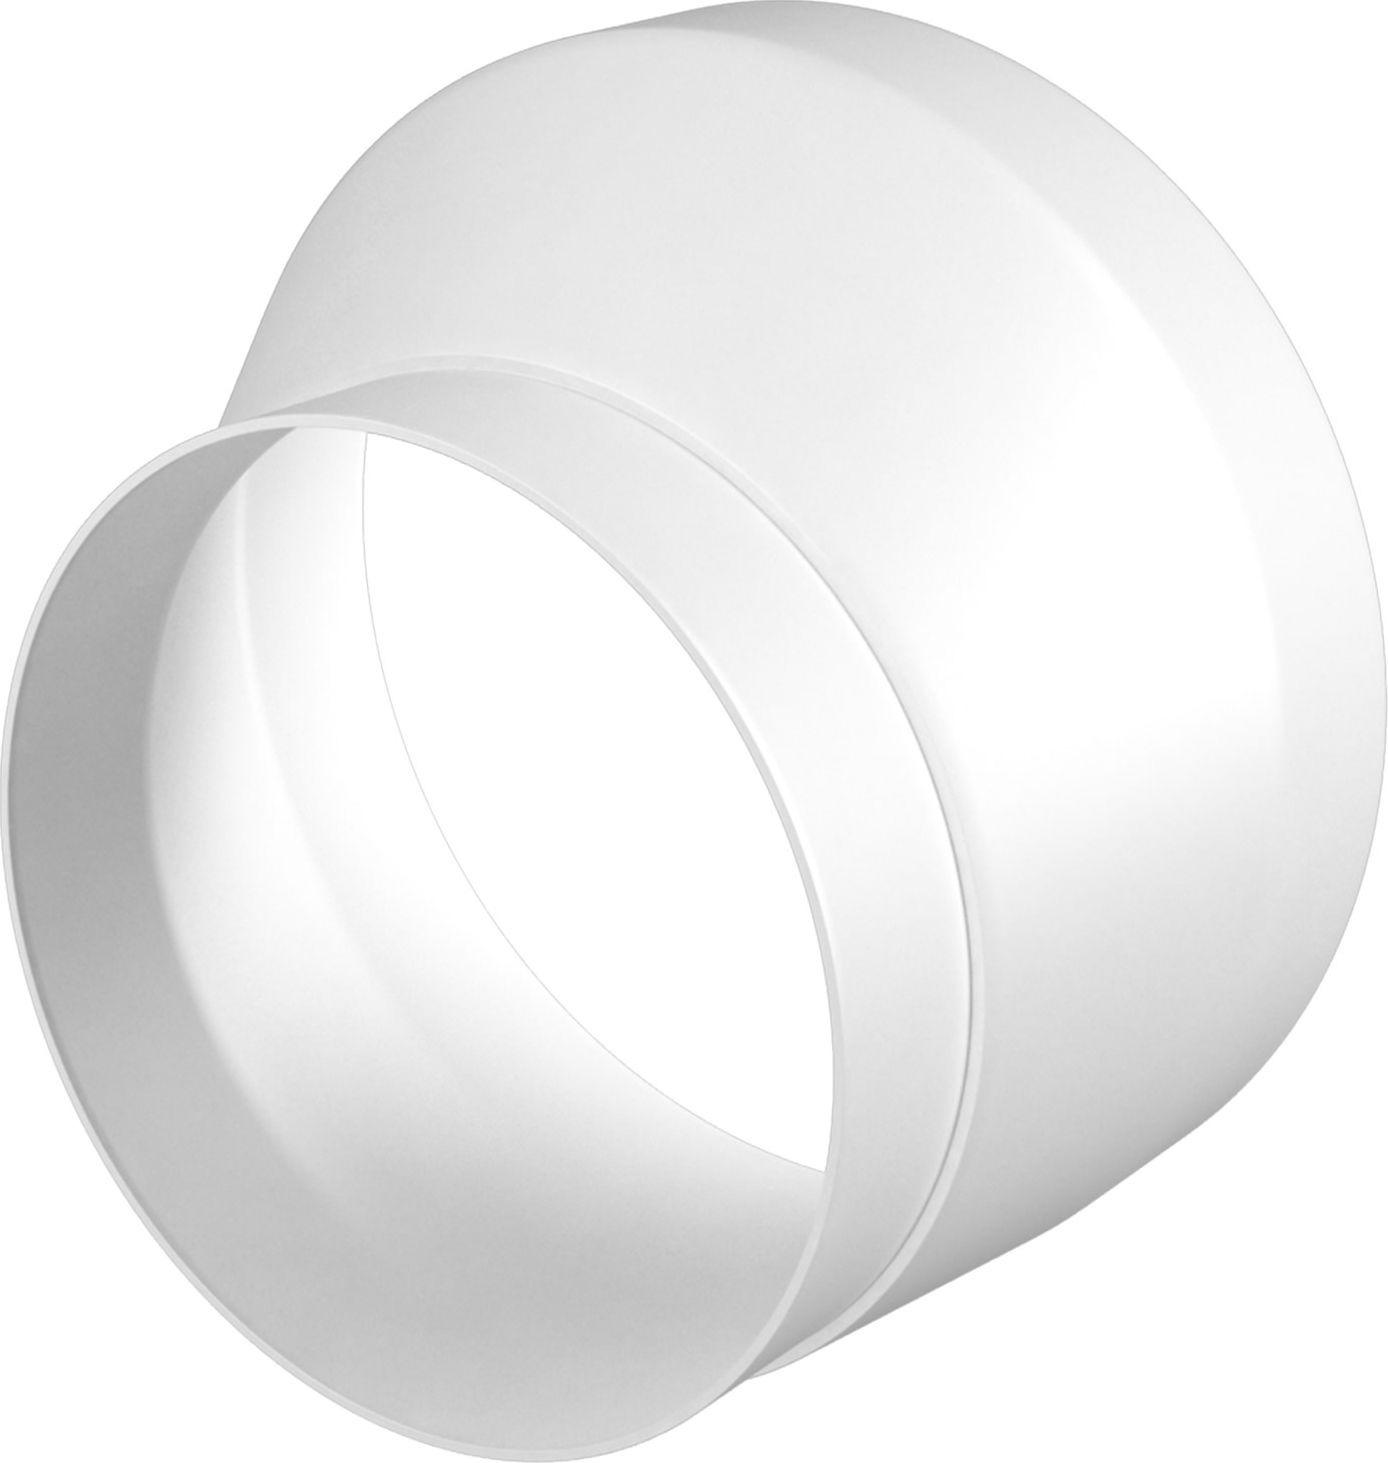 Соединительно-монтажный элемент ERA, 1011РЭП, белый, для круглого воздуховода накладка торцевая пластик 150х150 для воздуховода d100